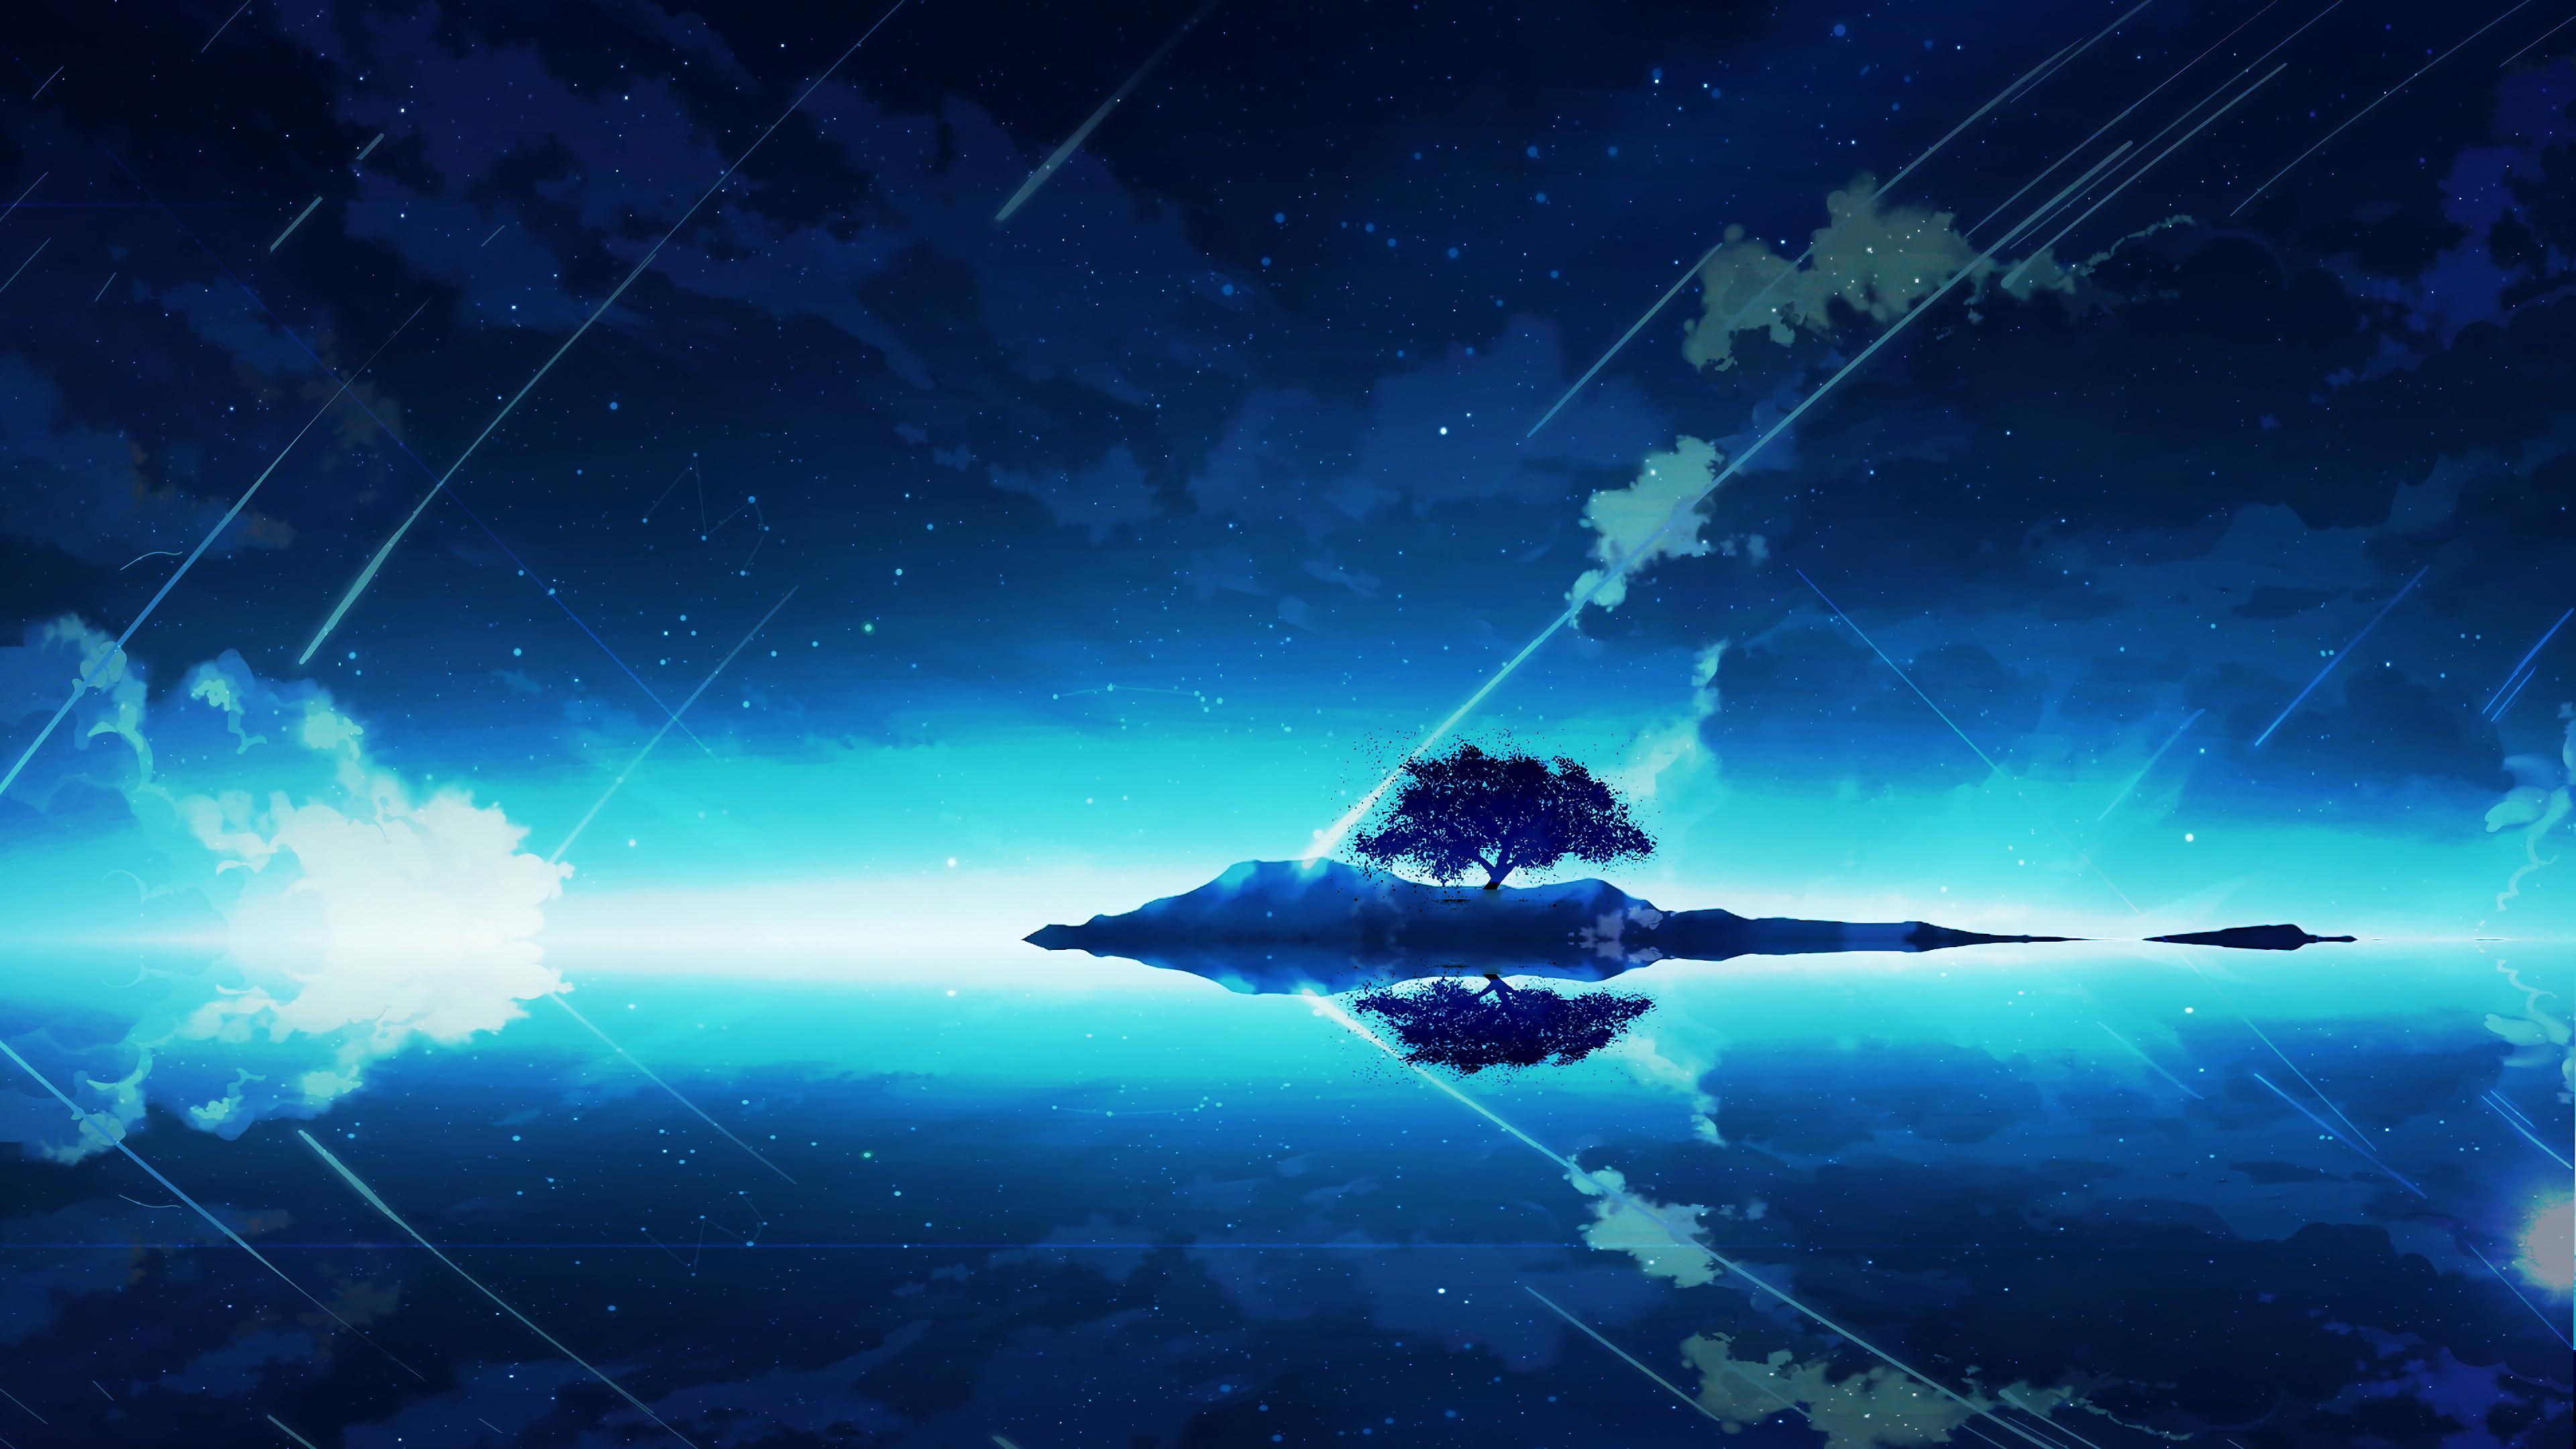 Anime, Scenery, Night, Sky, Clouds, Horizon, 4K, #127 ...